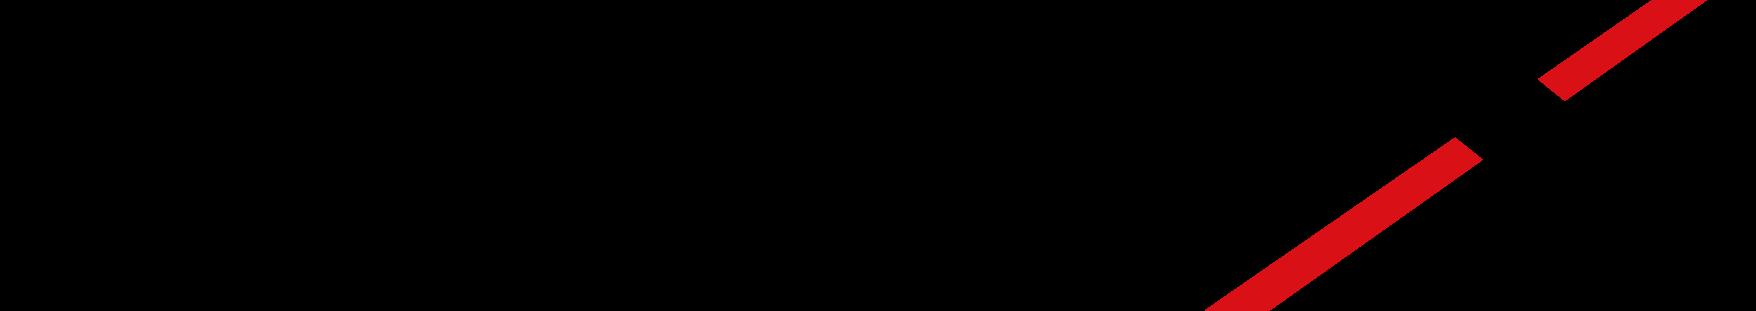 bc6b52ef matryx slash_logo@2x